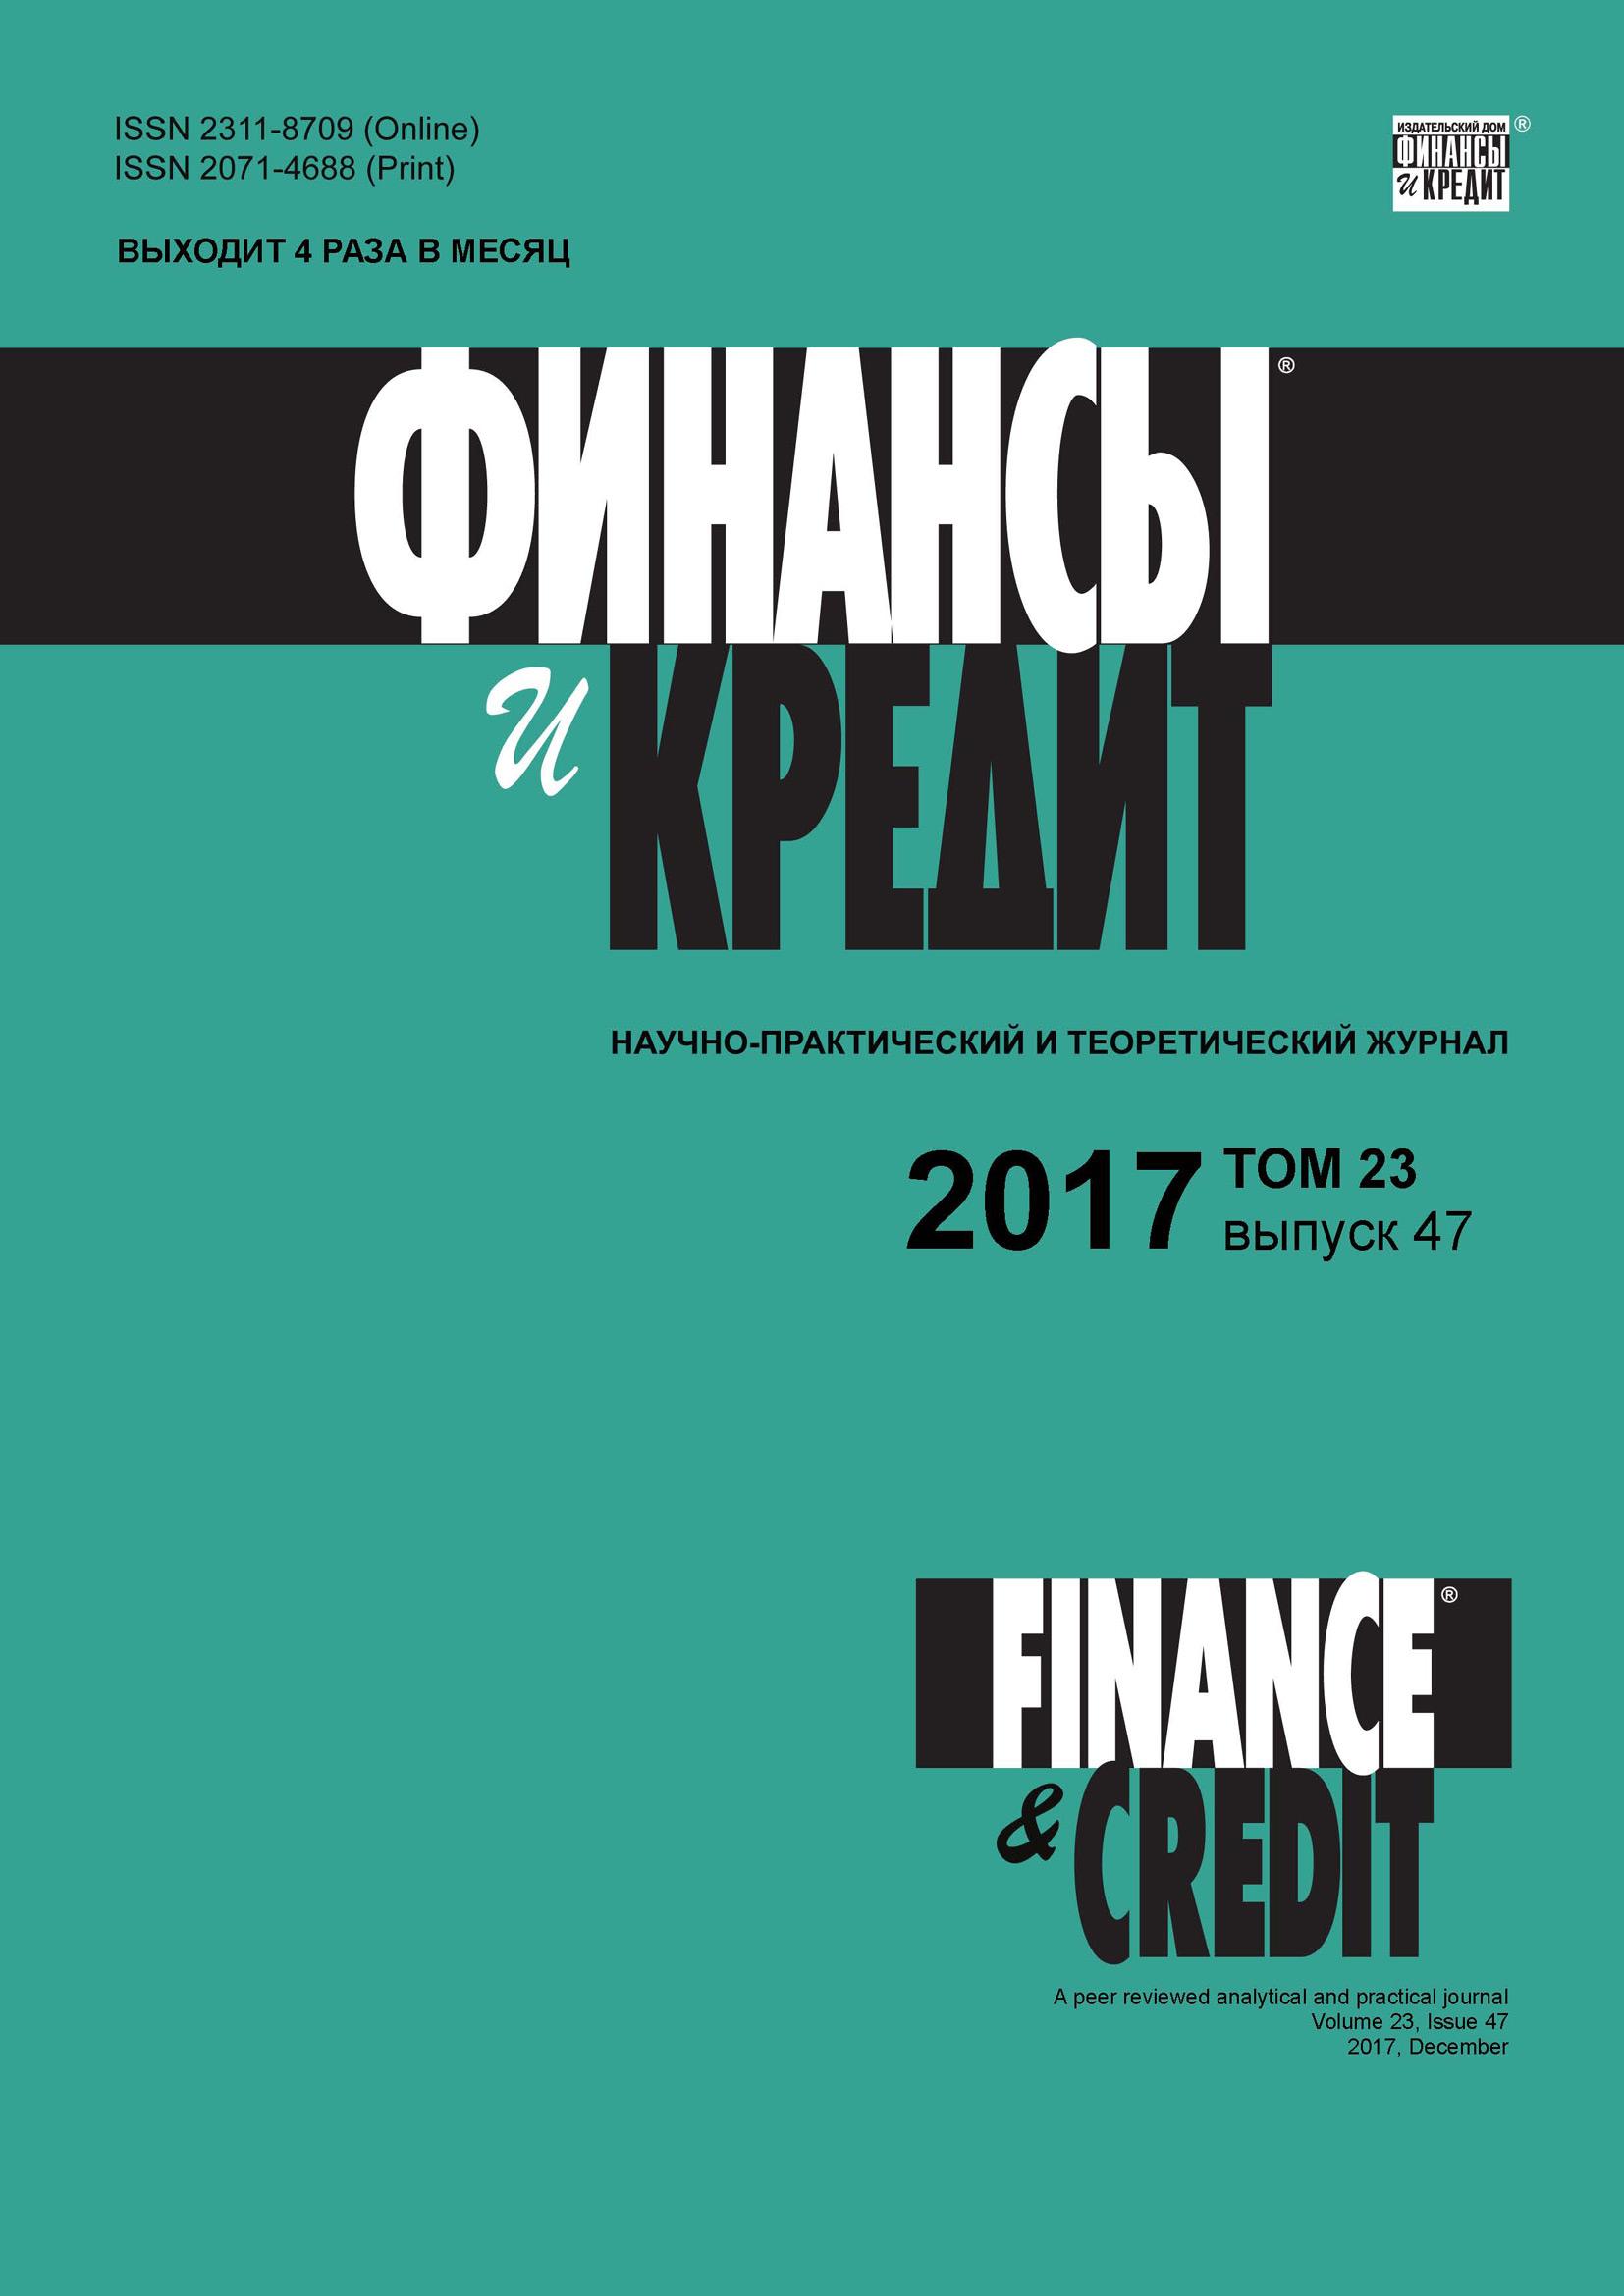 Финансы и Кредит № 47 2017 ( Отсутствует  )